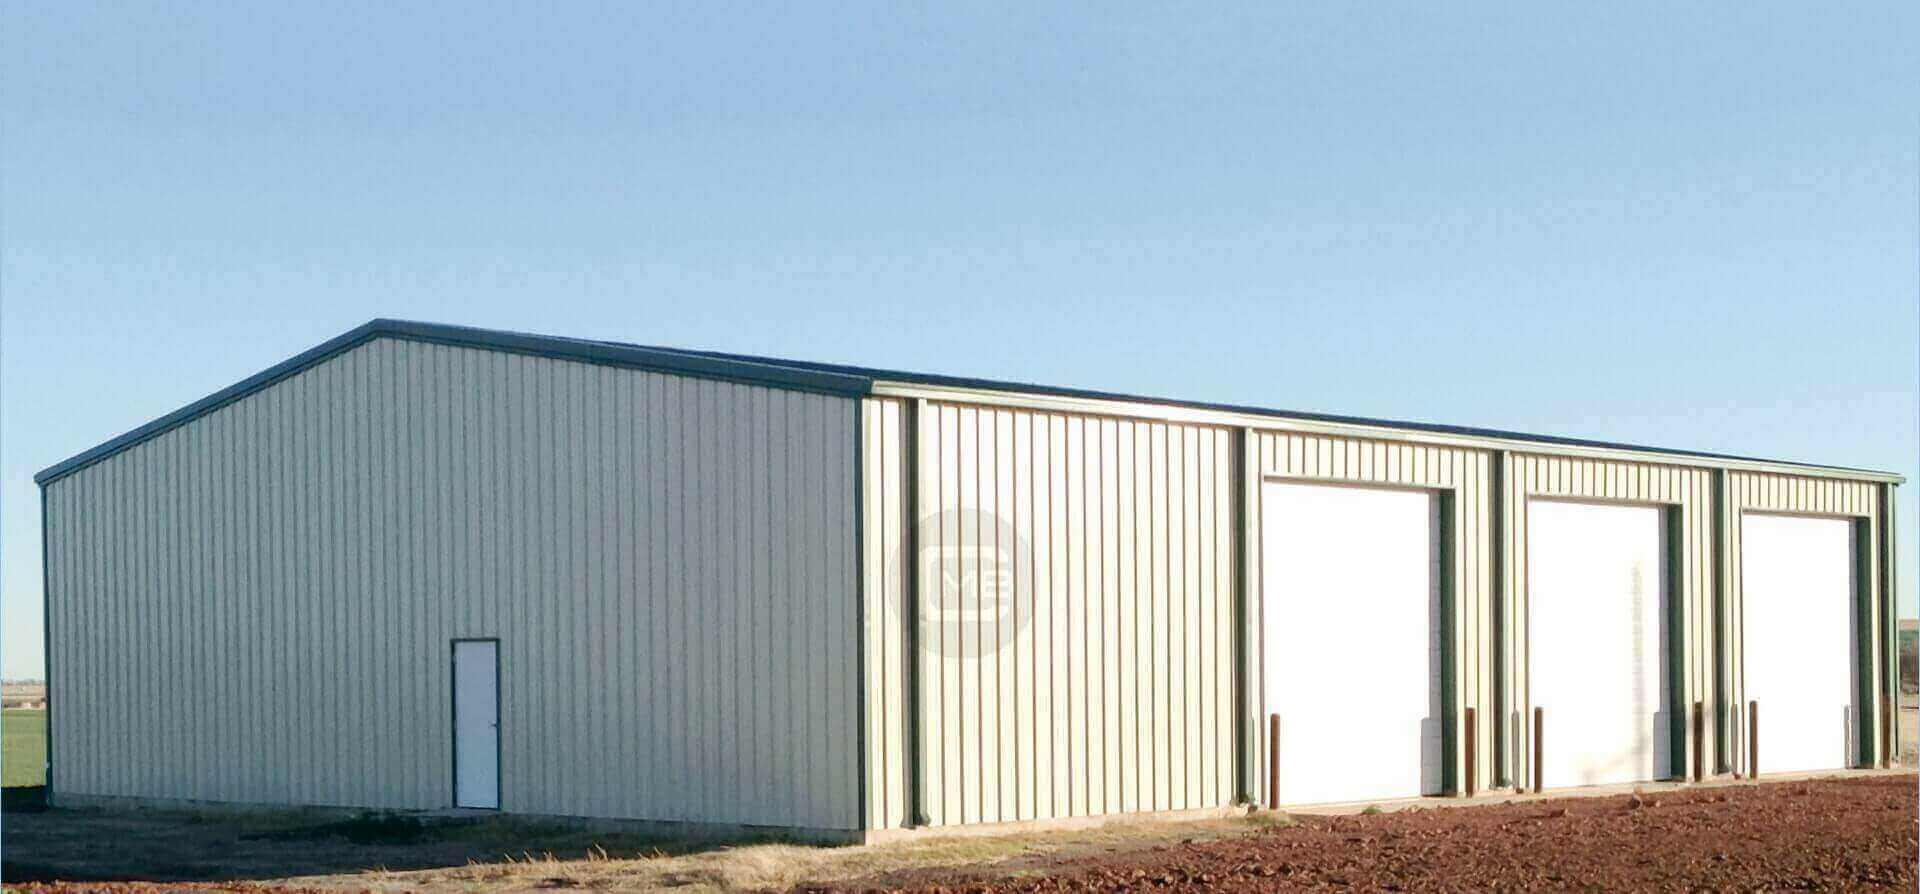 Metal Barns And Steel Buildings For Sale Prefab Metal Buildings